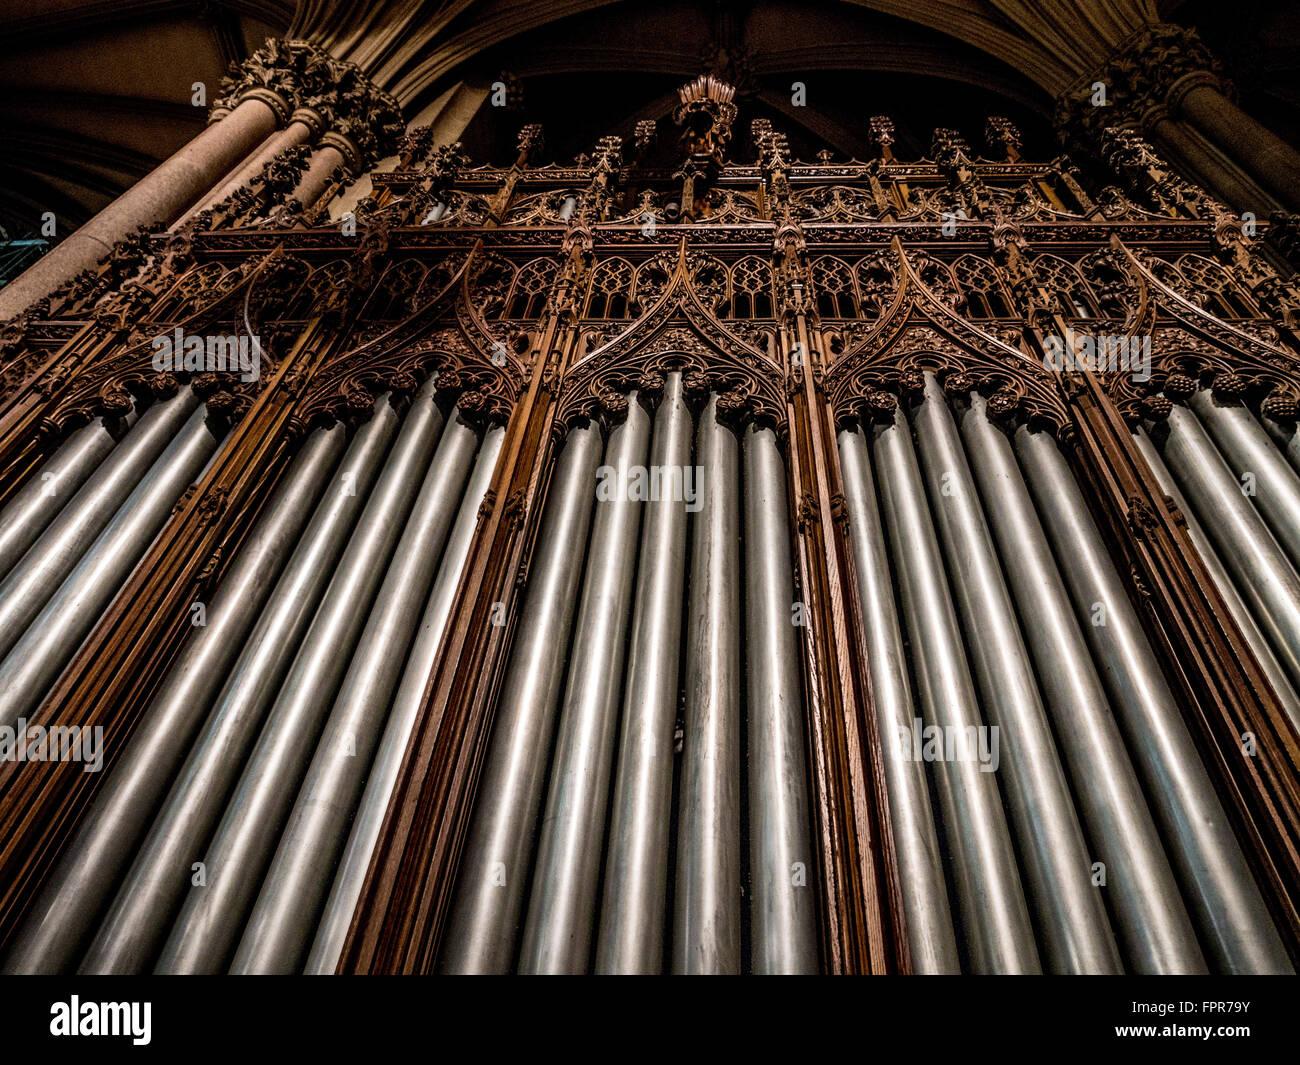 Tuyaux d'orgue à la Cathédrale Saint-Patrick, New York City, USA. Photo Stock